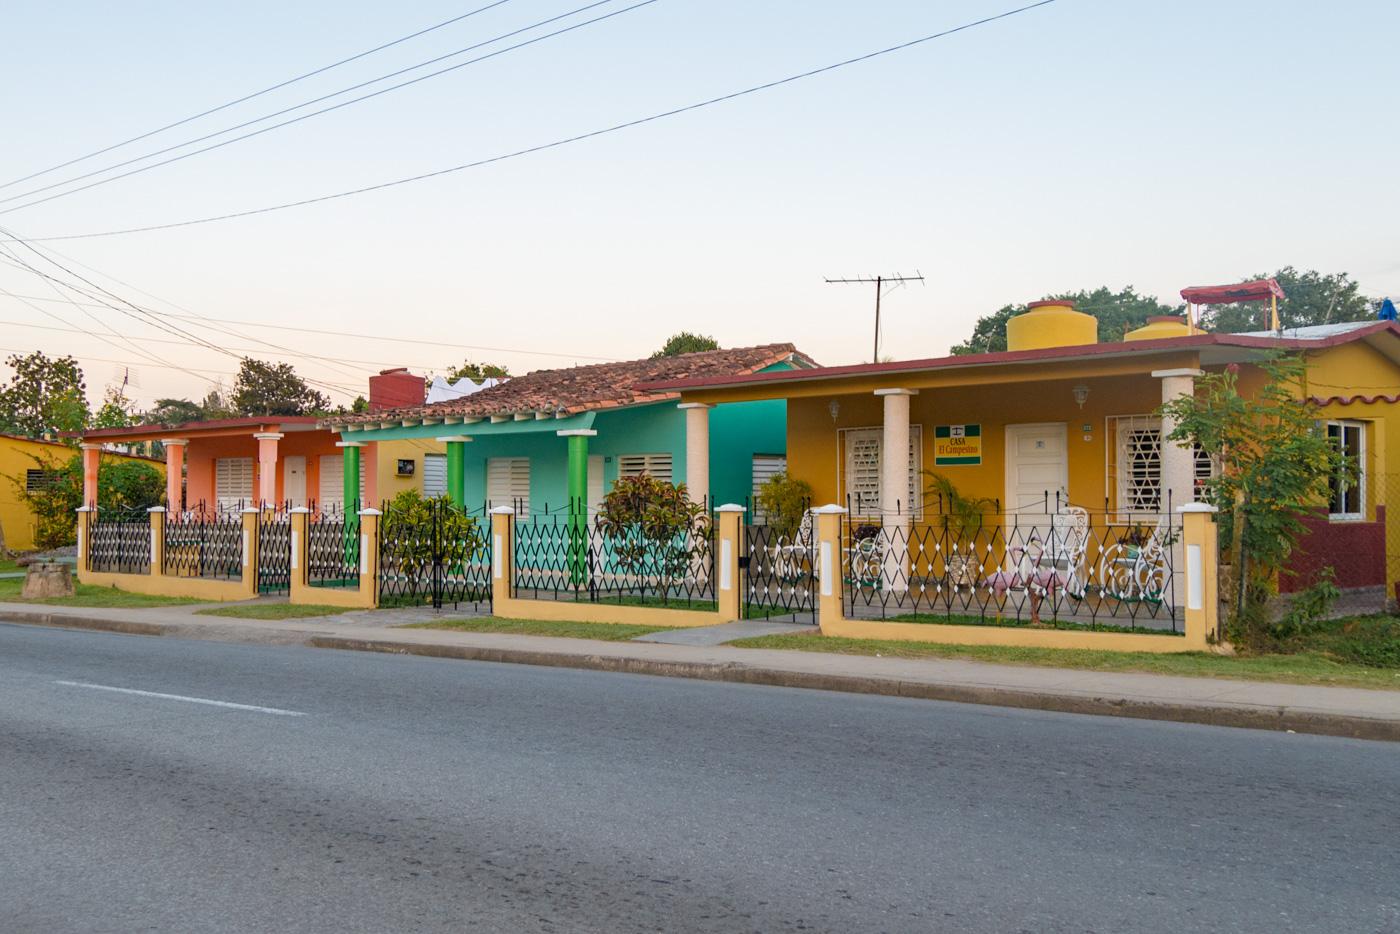 Bunte Casa Particulares in Vinales, Kuba